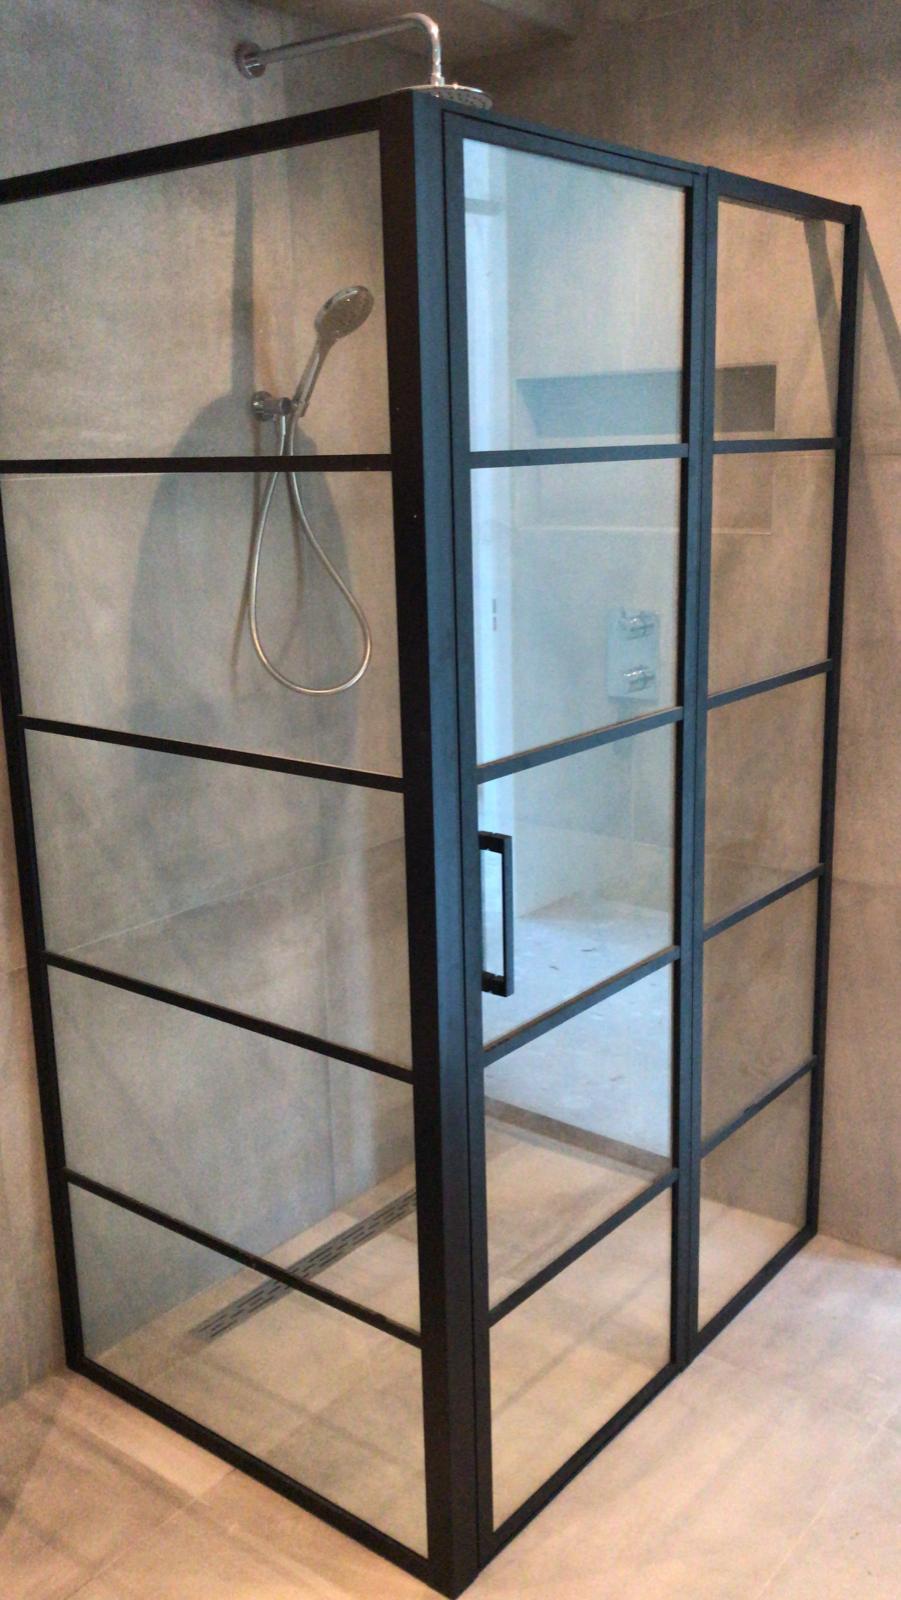 Chroom inbouwdouche, zwart stalen douchecabine en betonlook tegels in deze betonlook badkamer inspiratie